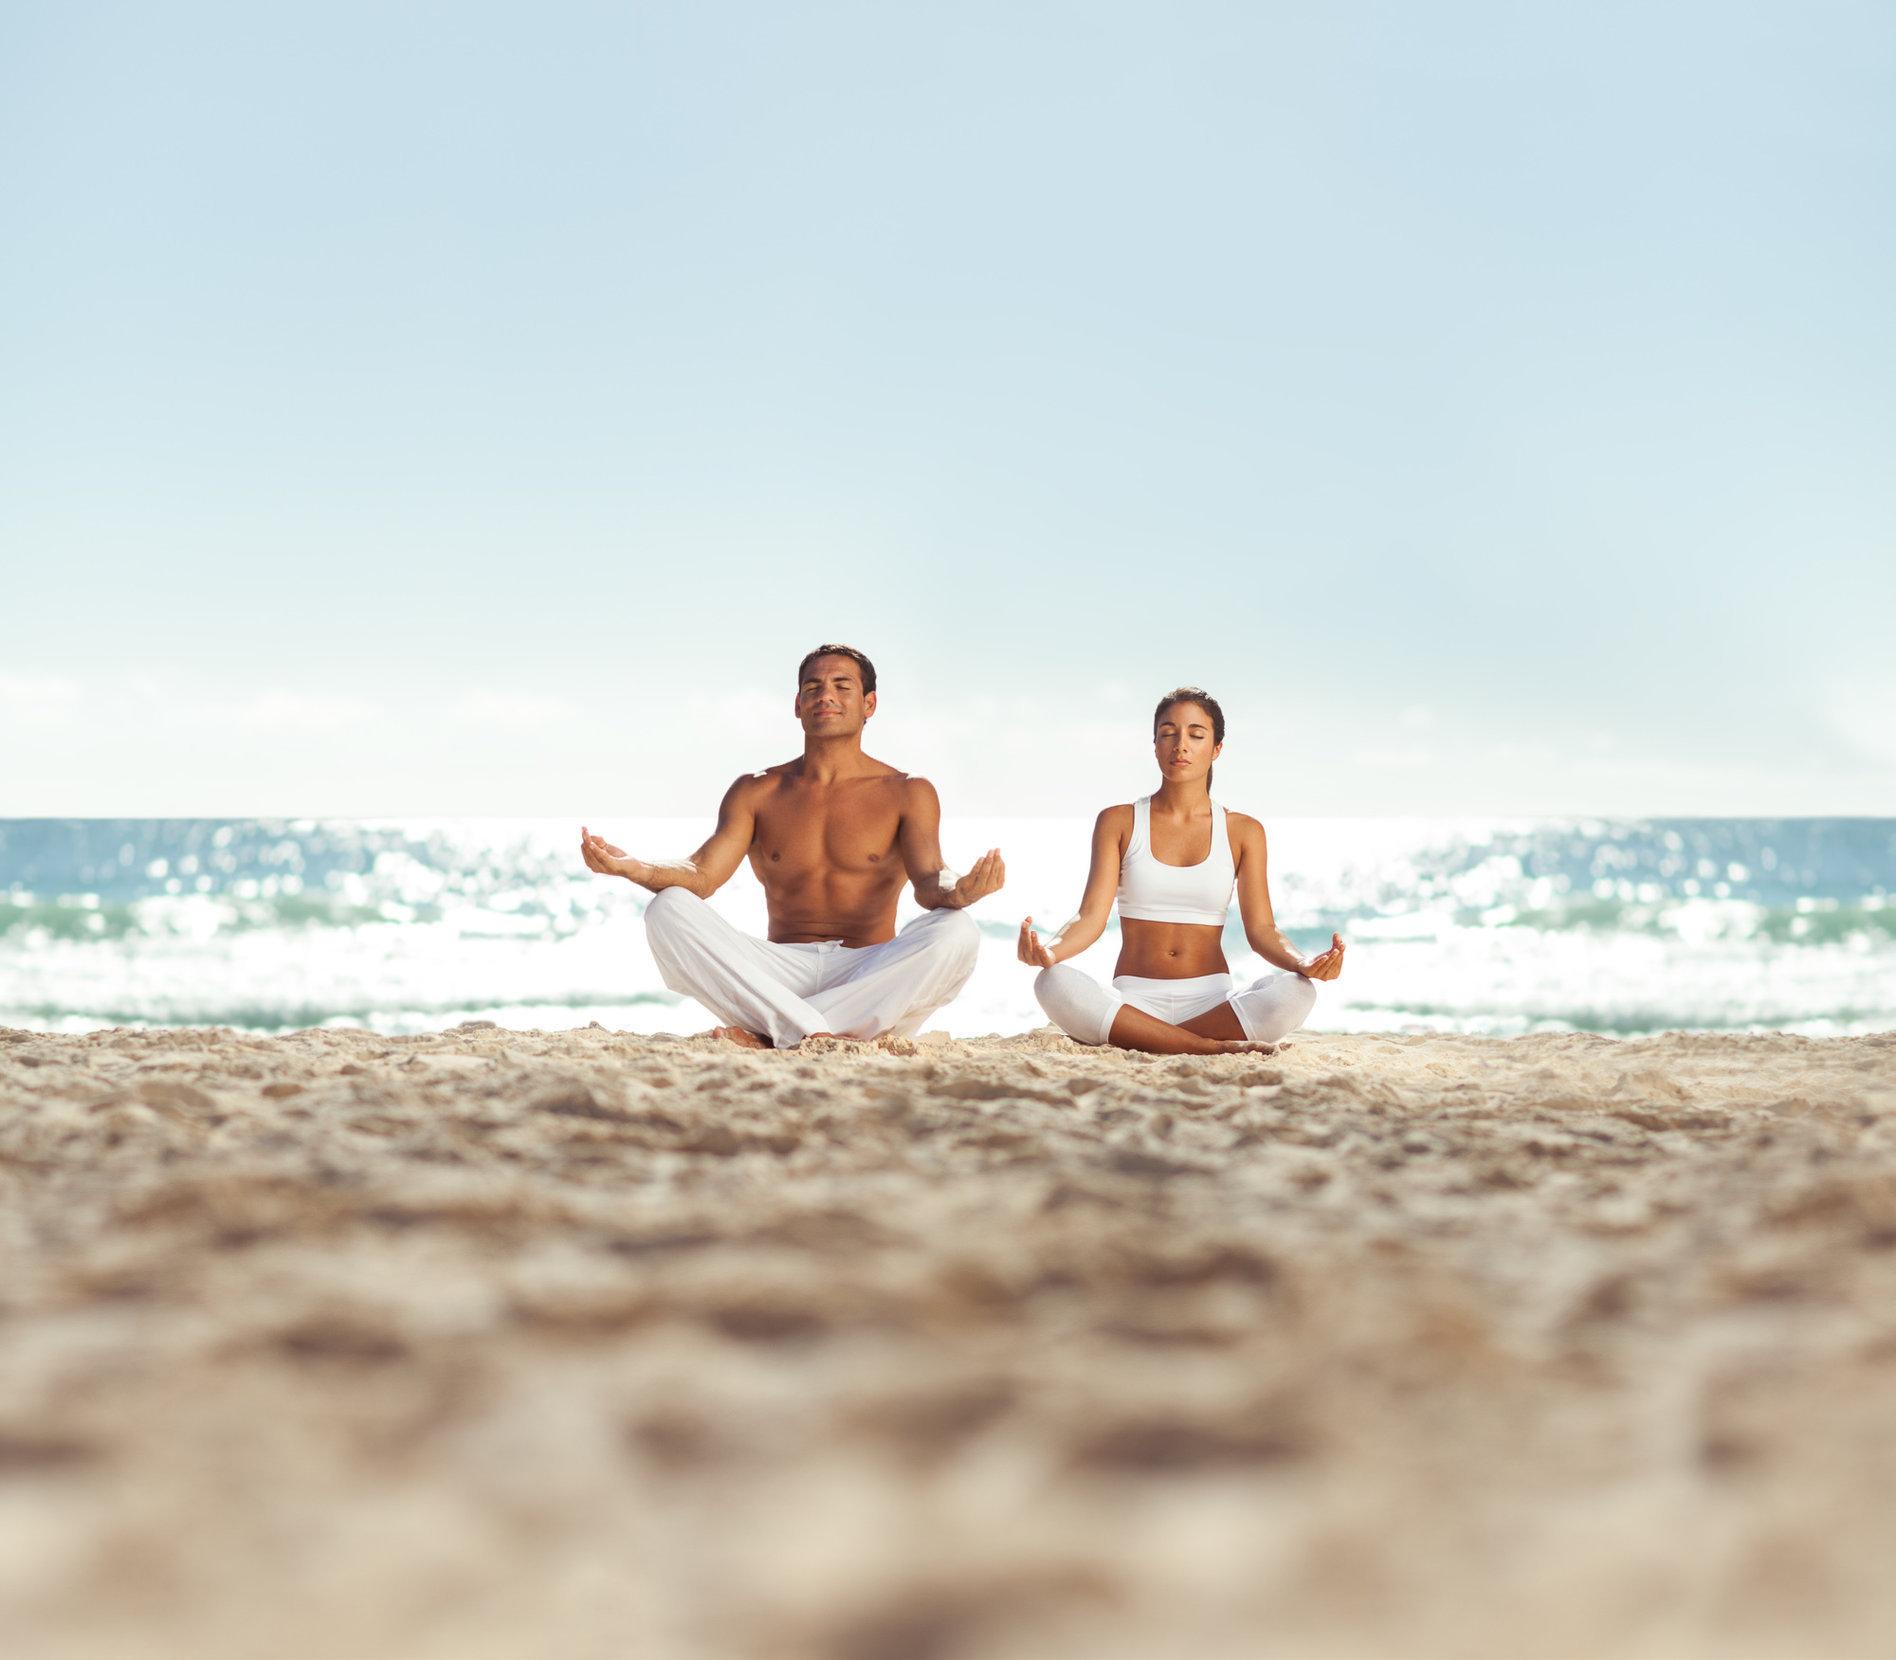 Yoga Ejercicio_Tulum_1217b.jpg